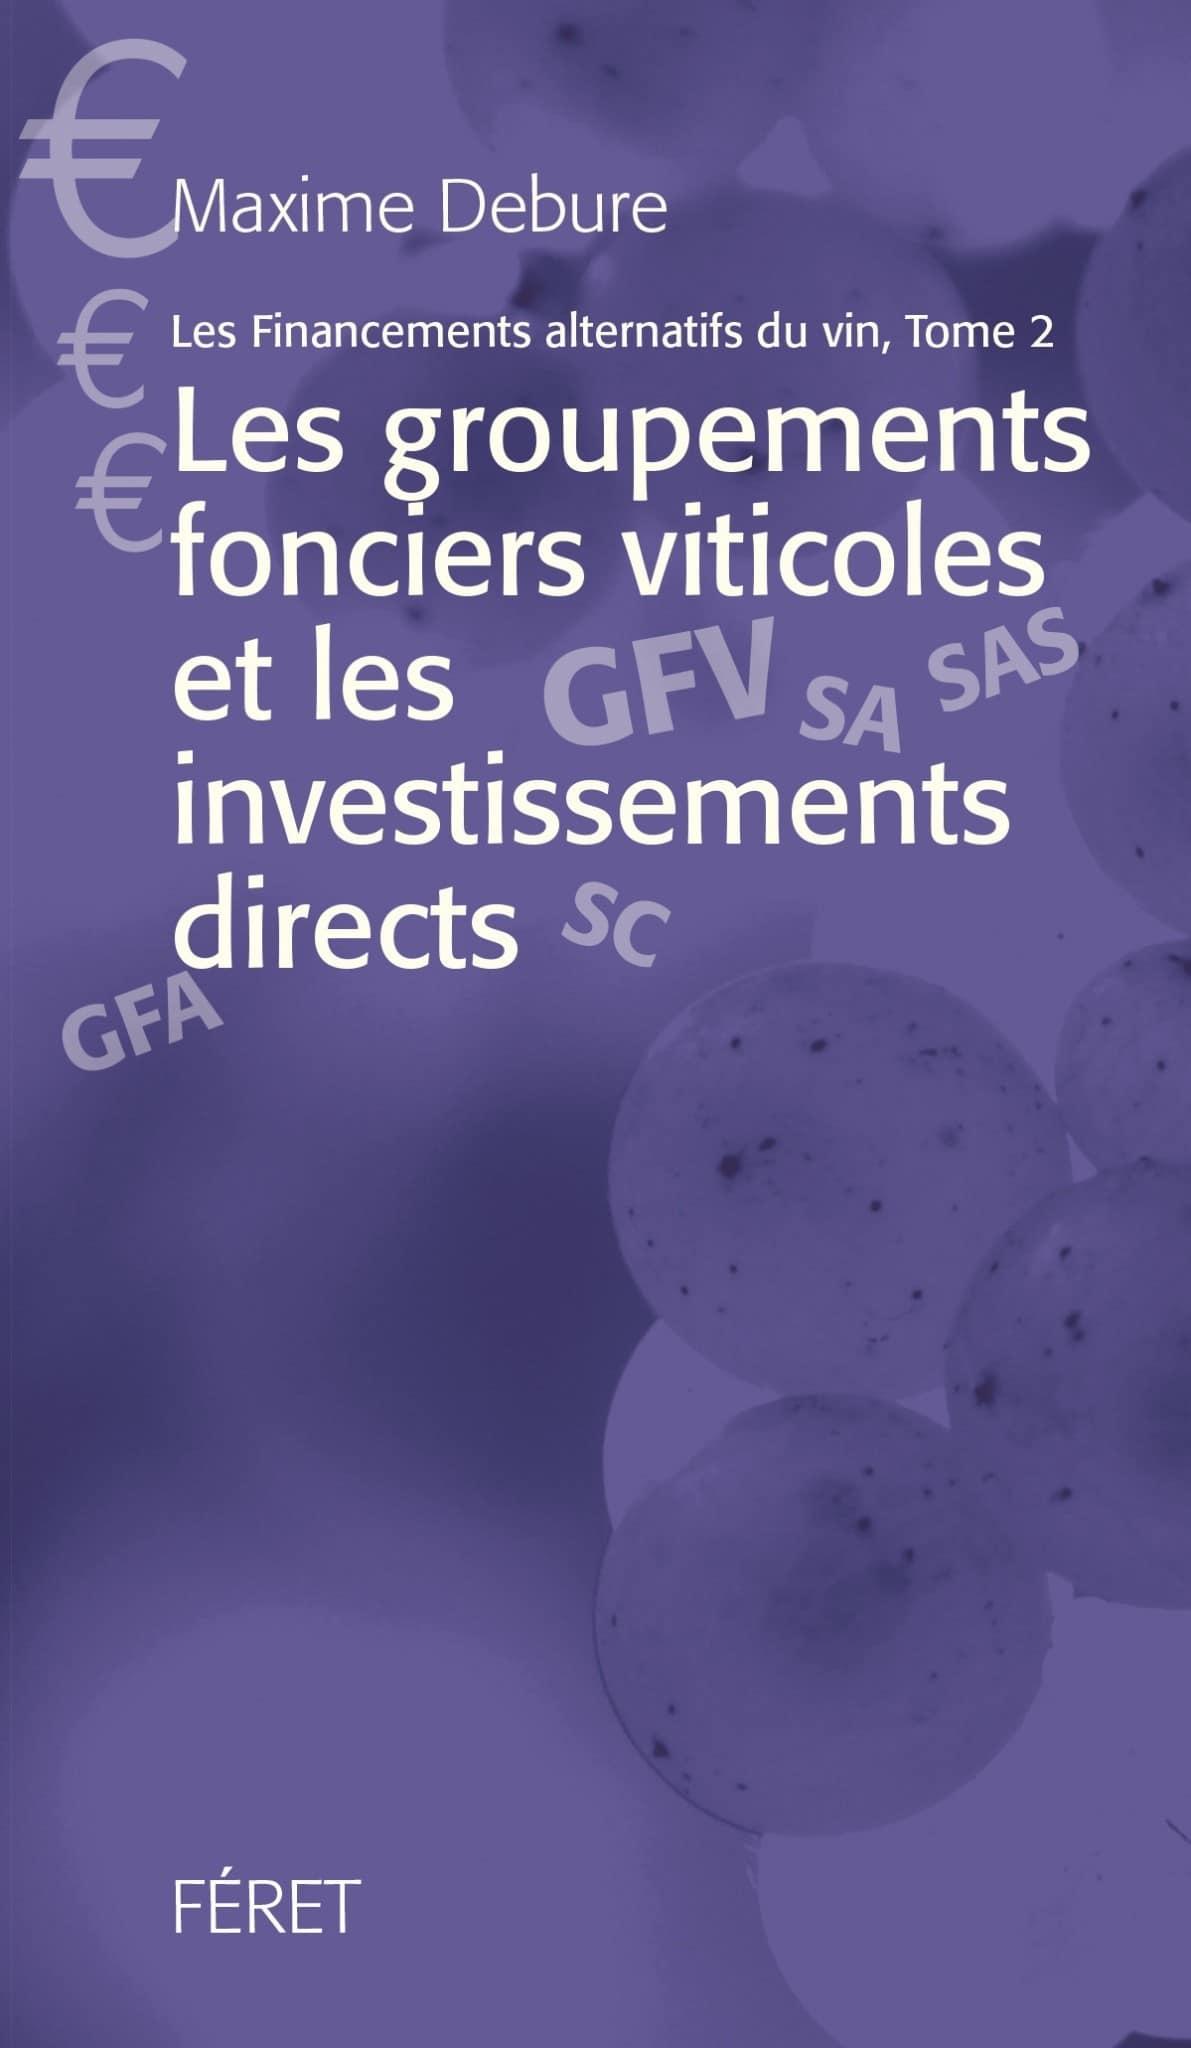 Les financements alternatifs du vin – Tome 2